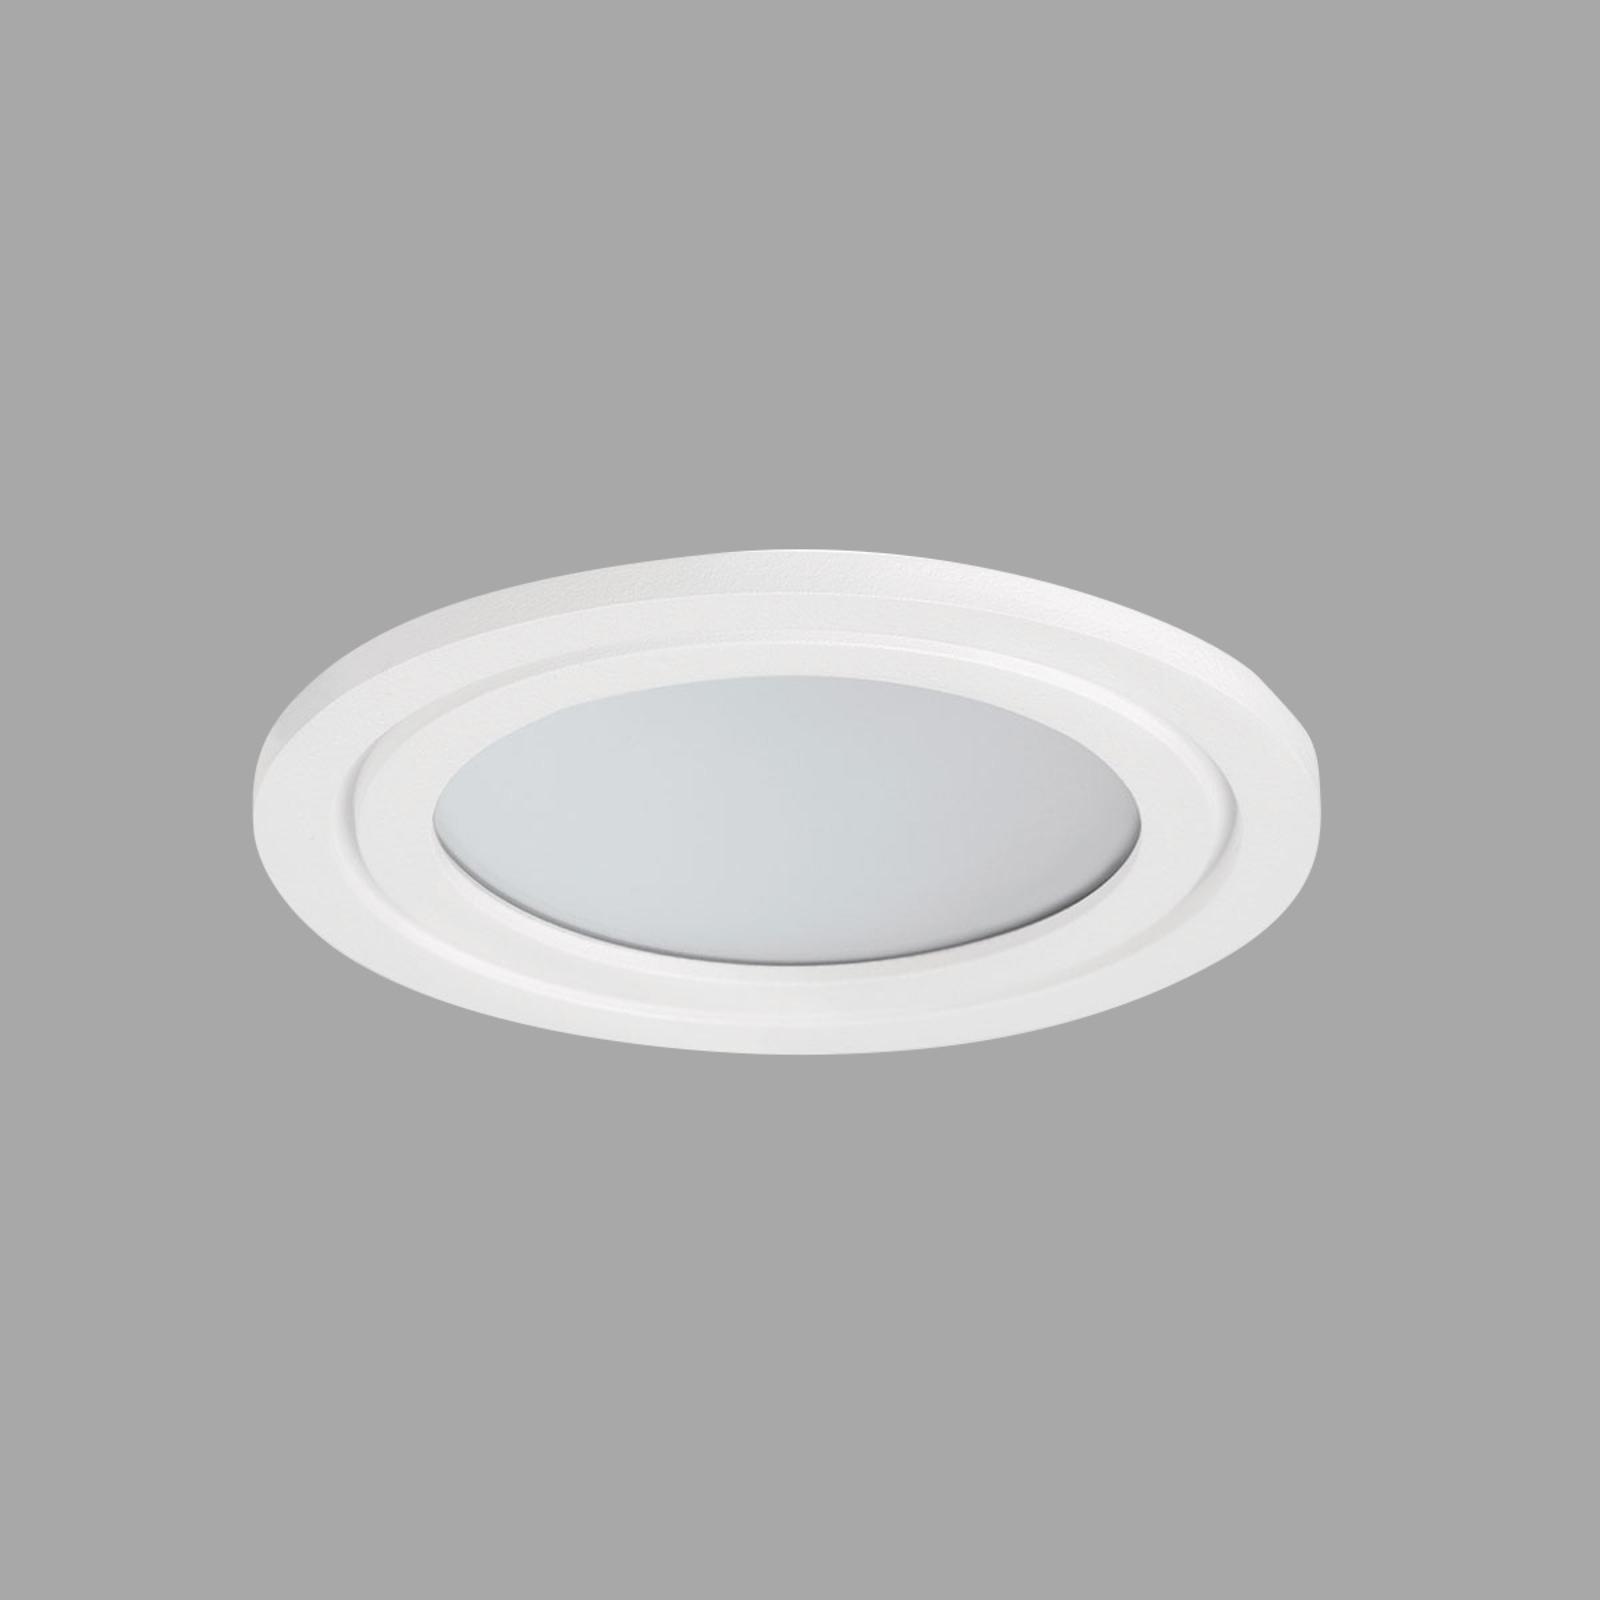 Prettus XS PRO spot encastré LED couvercle 3000K